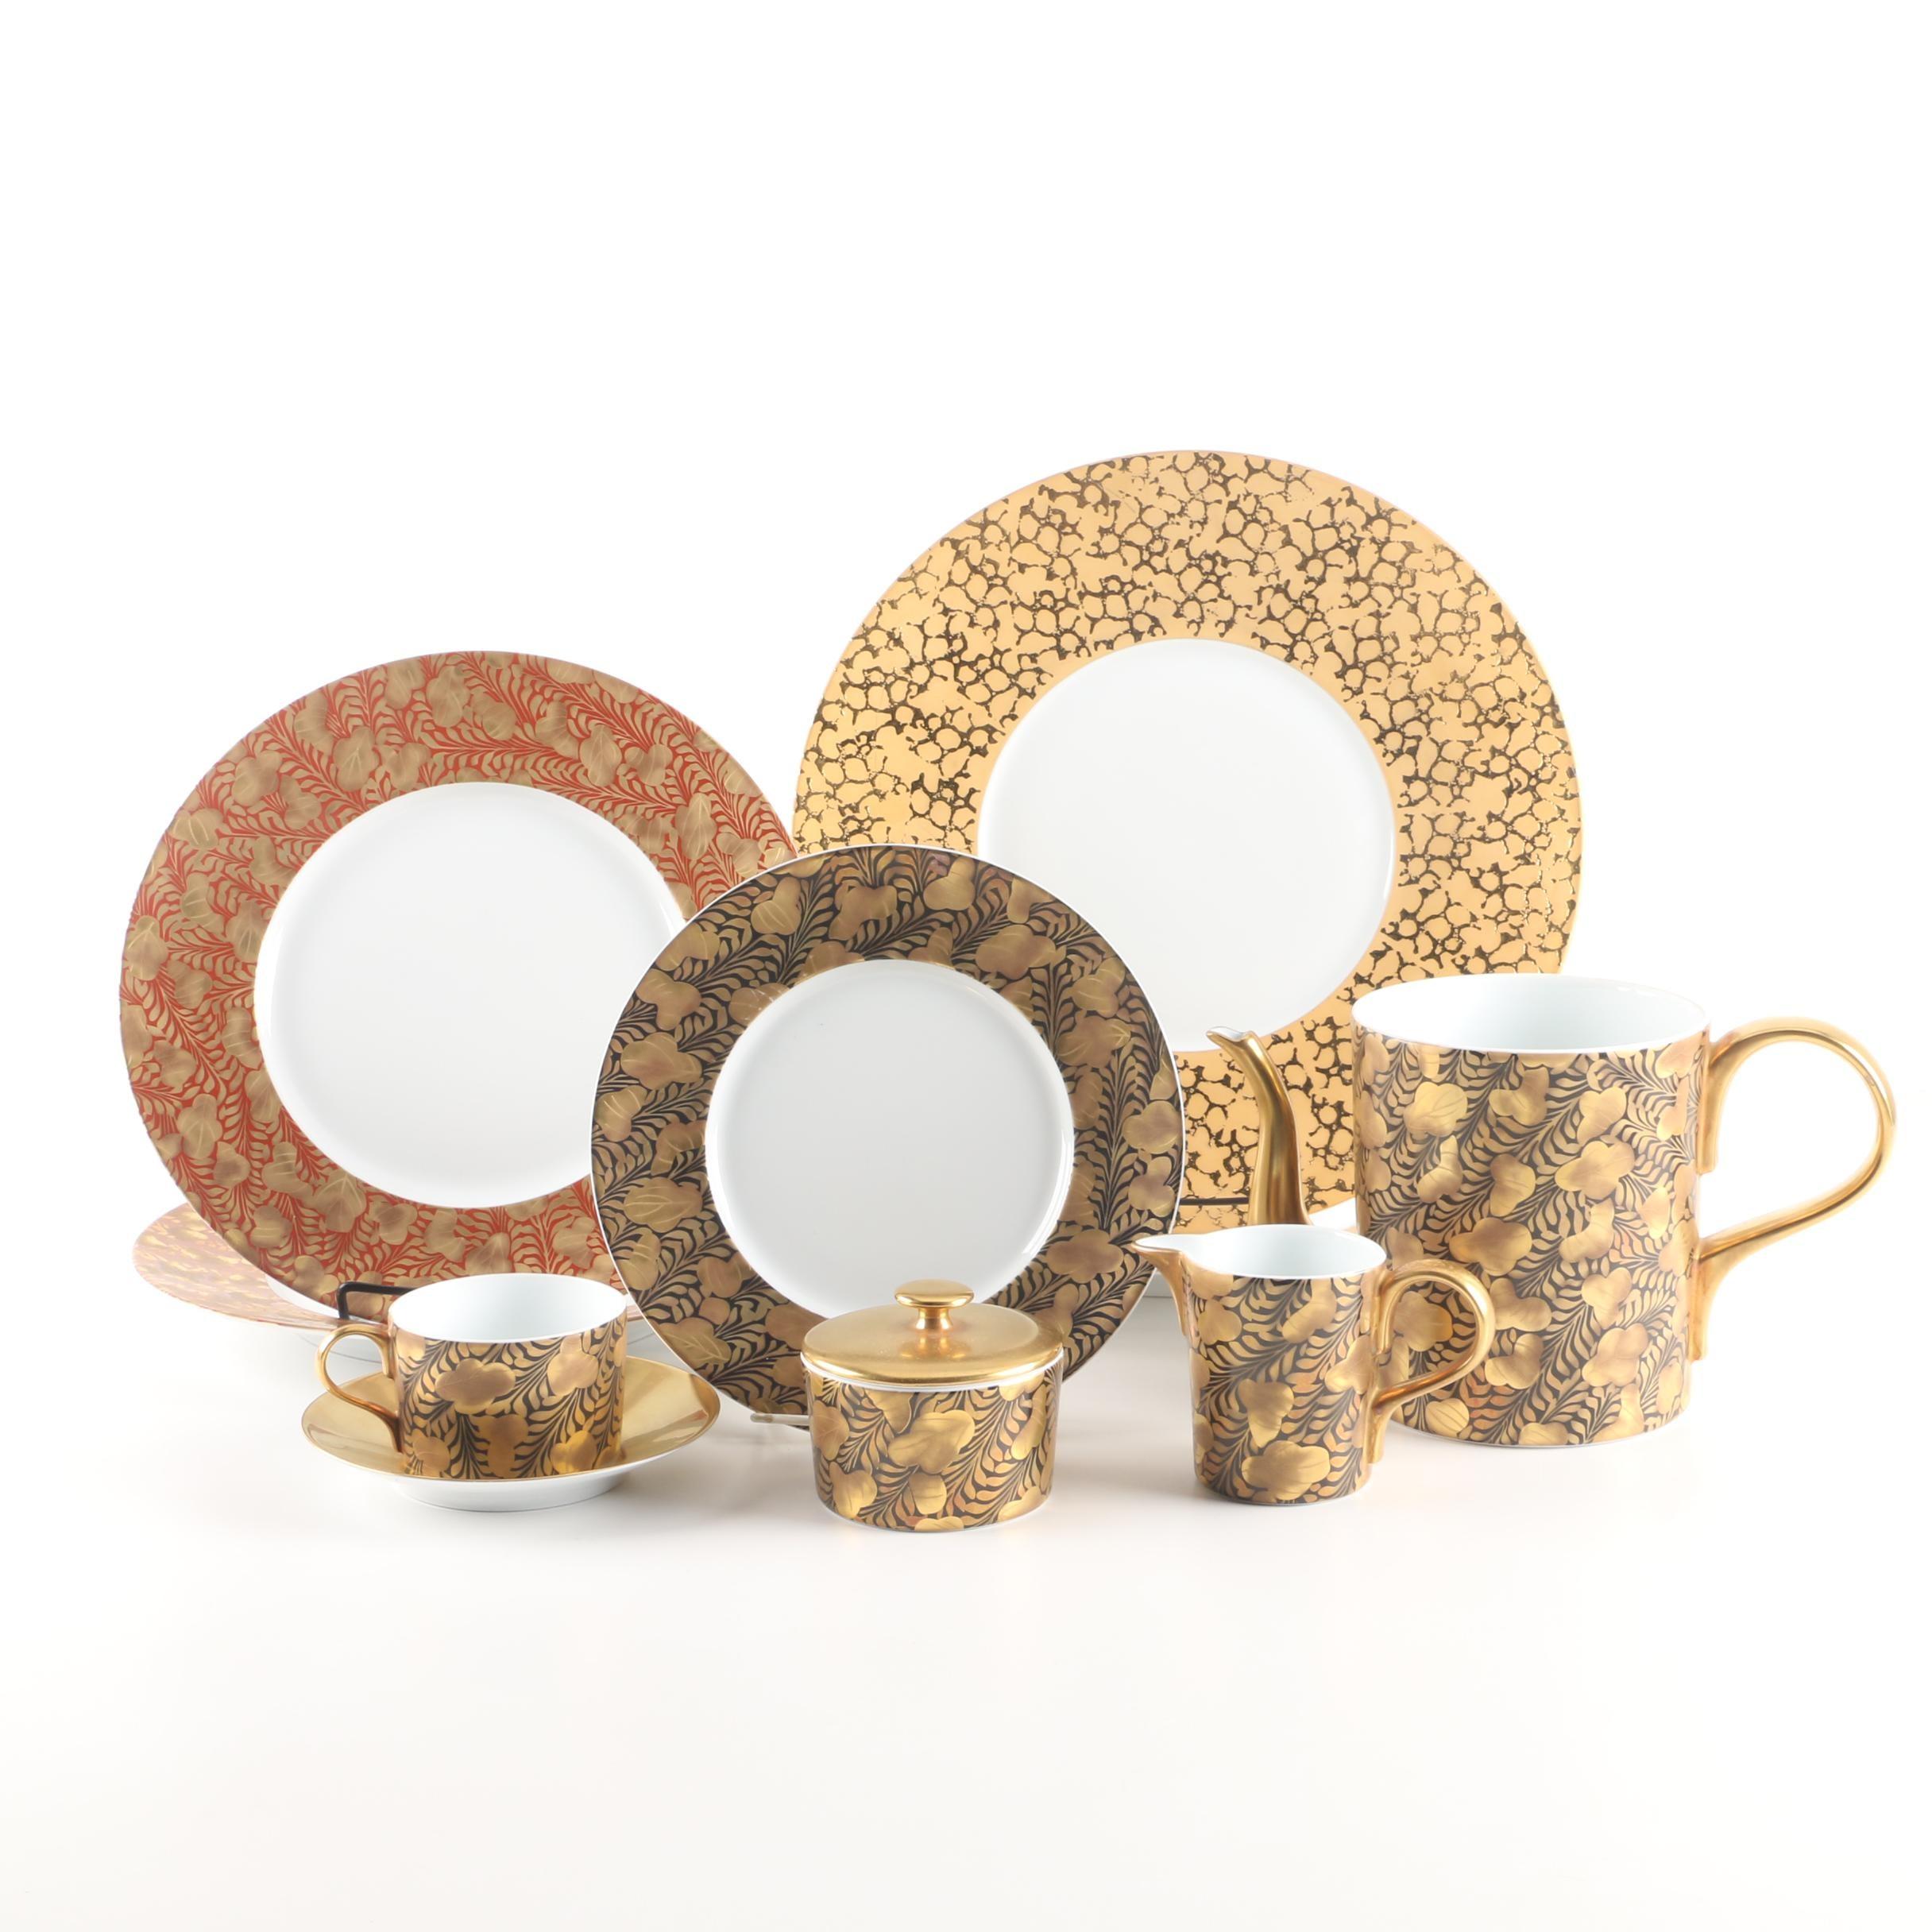 """J.L. Coquet """"Trois Ors"""" and """"Horizon Horus"""" Limoges Porcelain Tableware"""